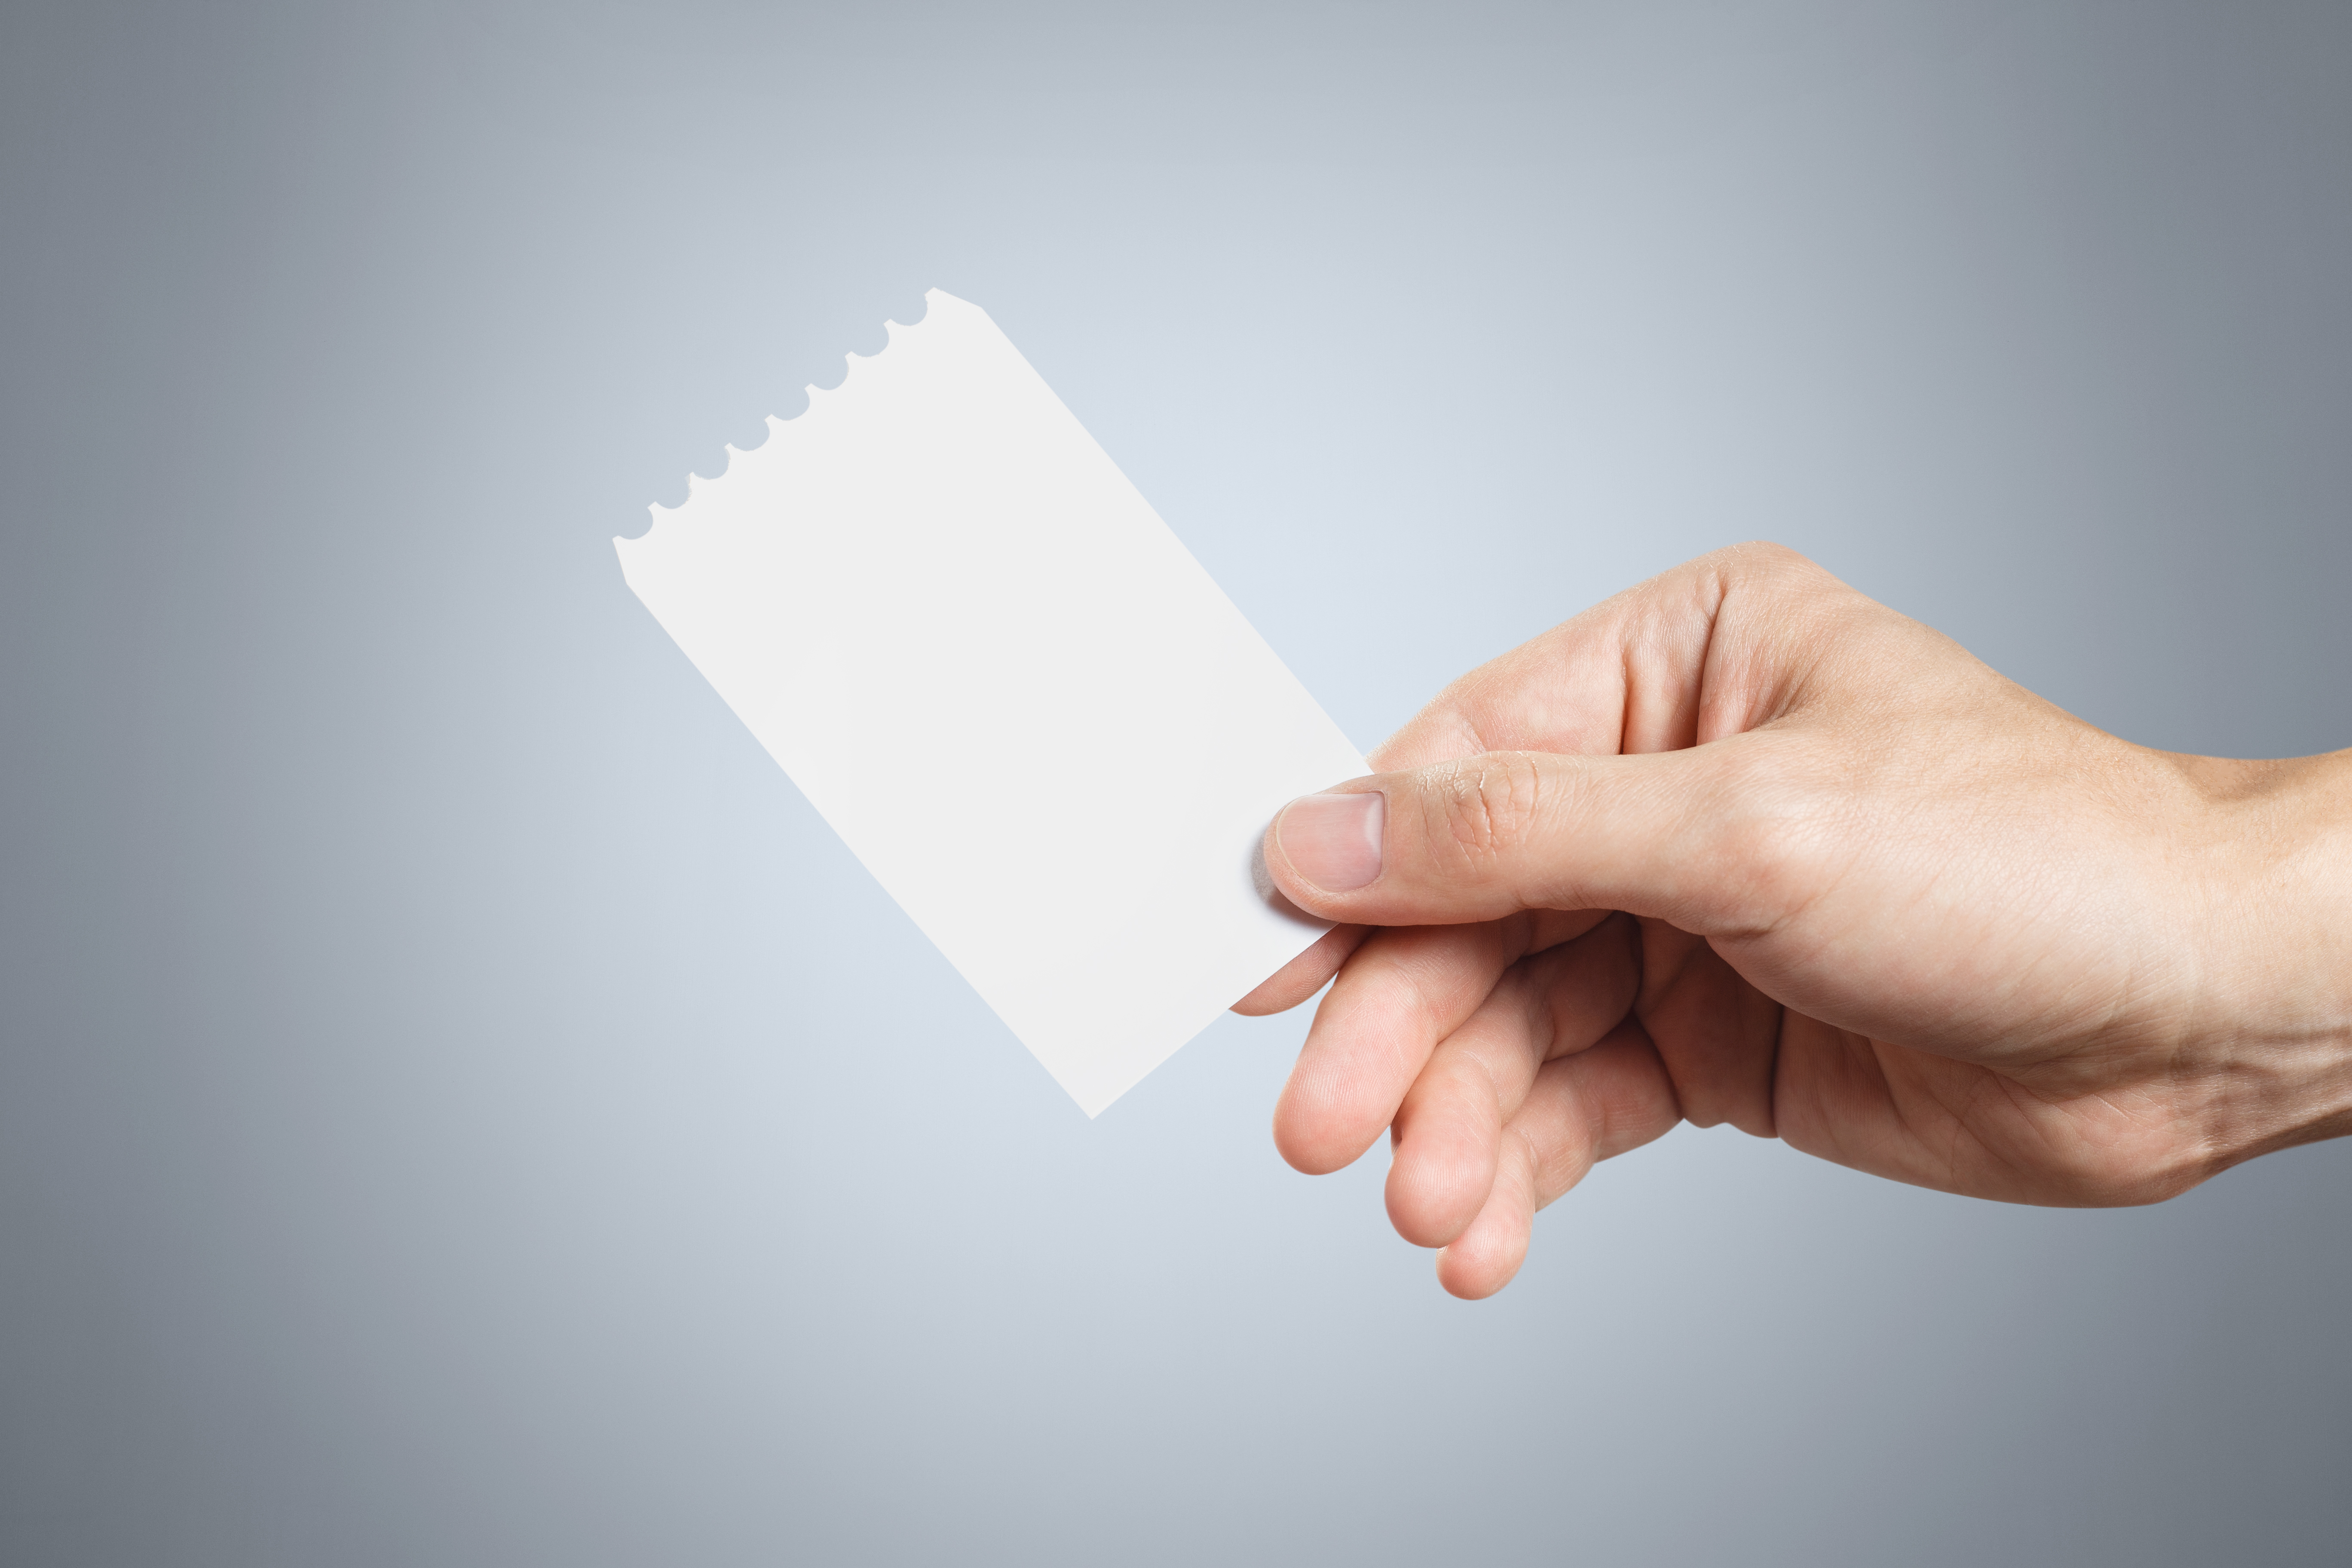 白紙の領収書を渡すと